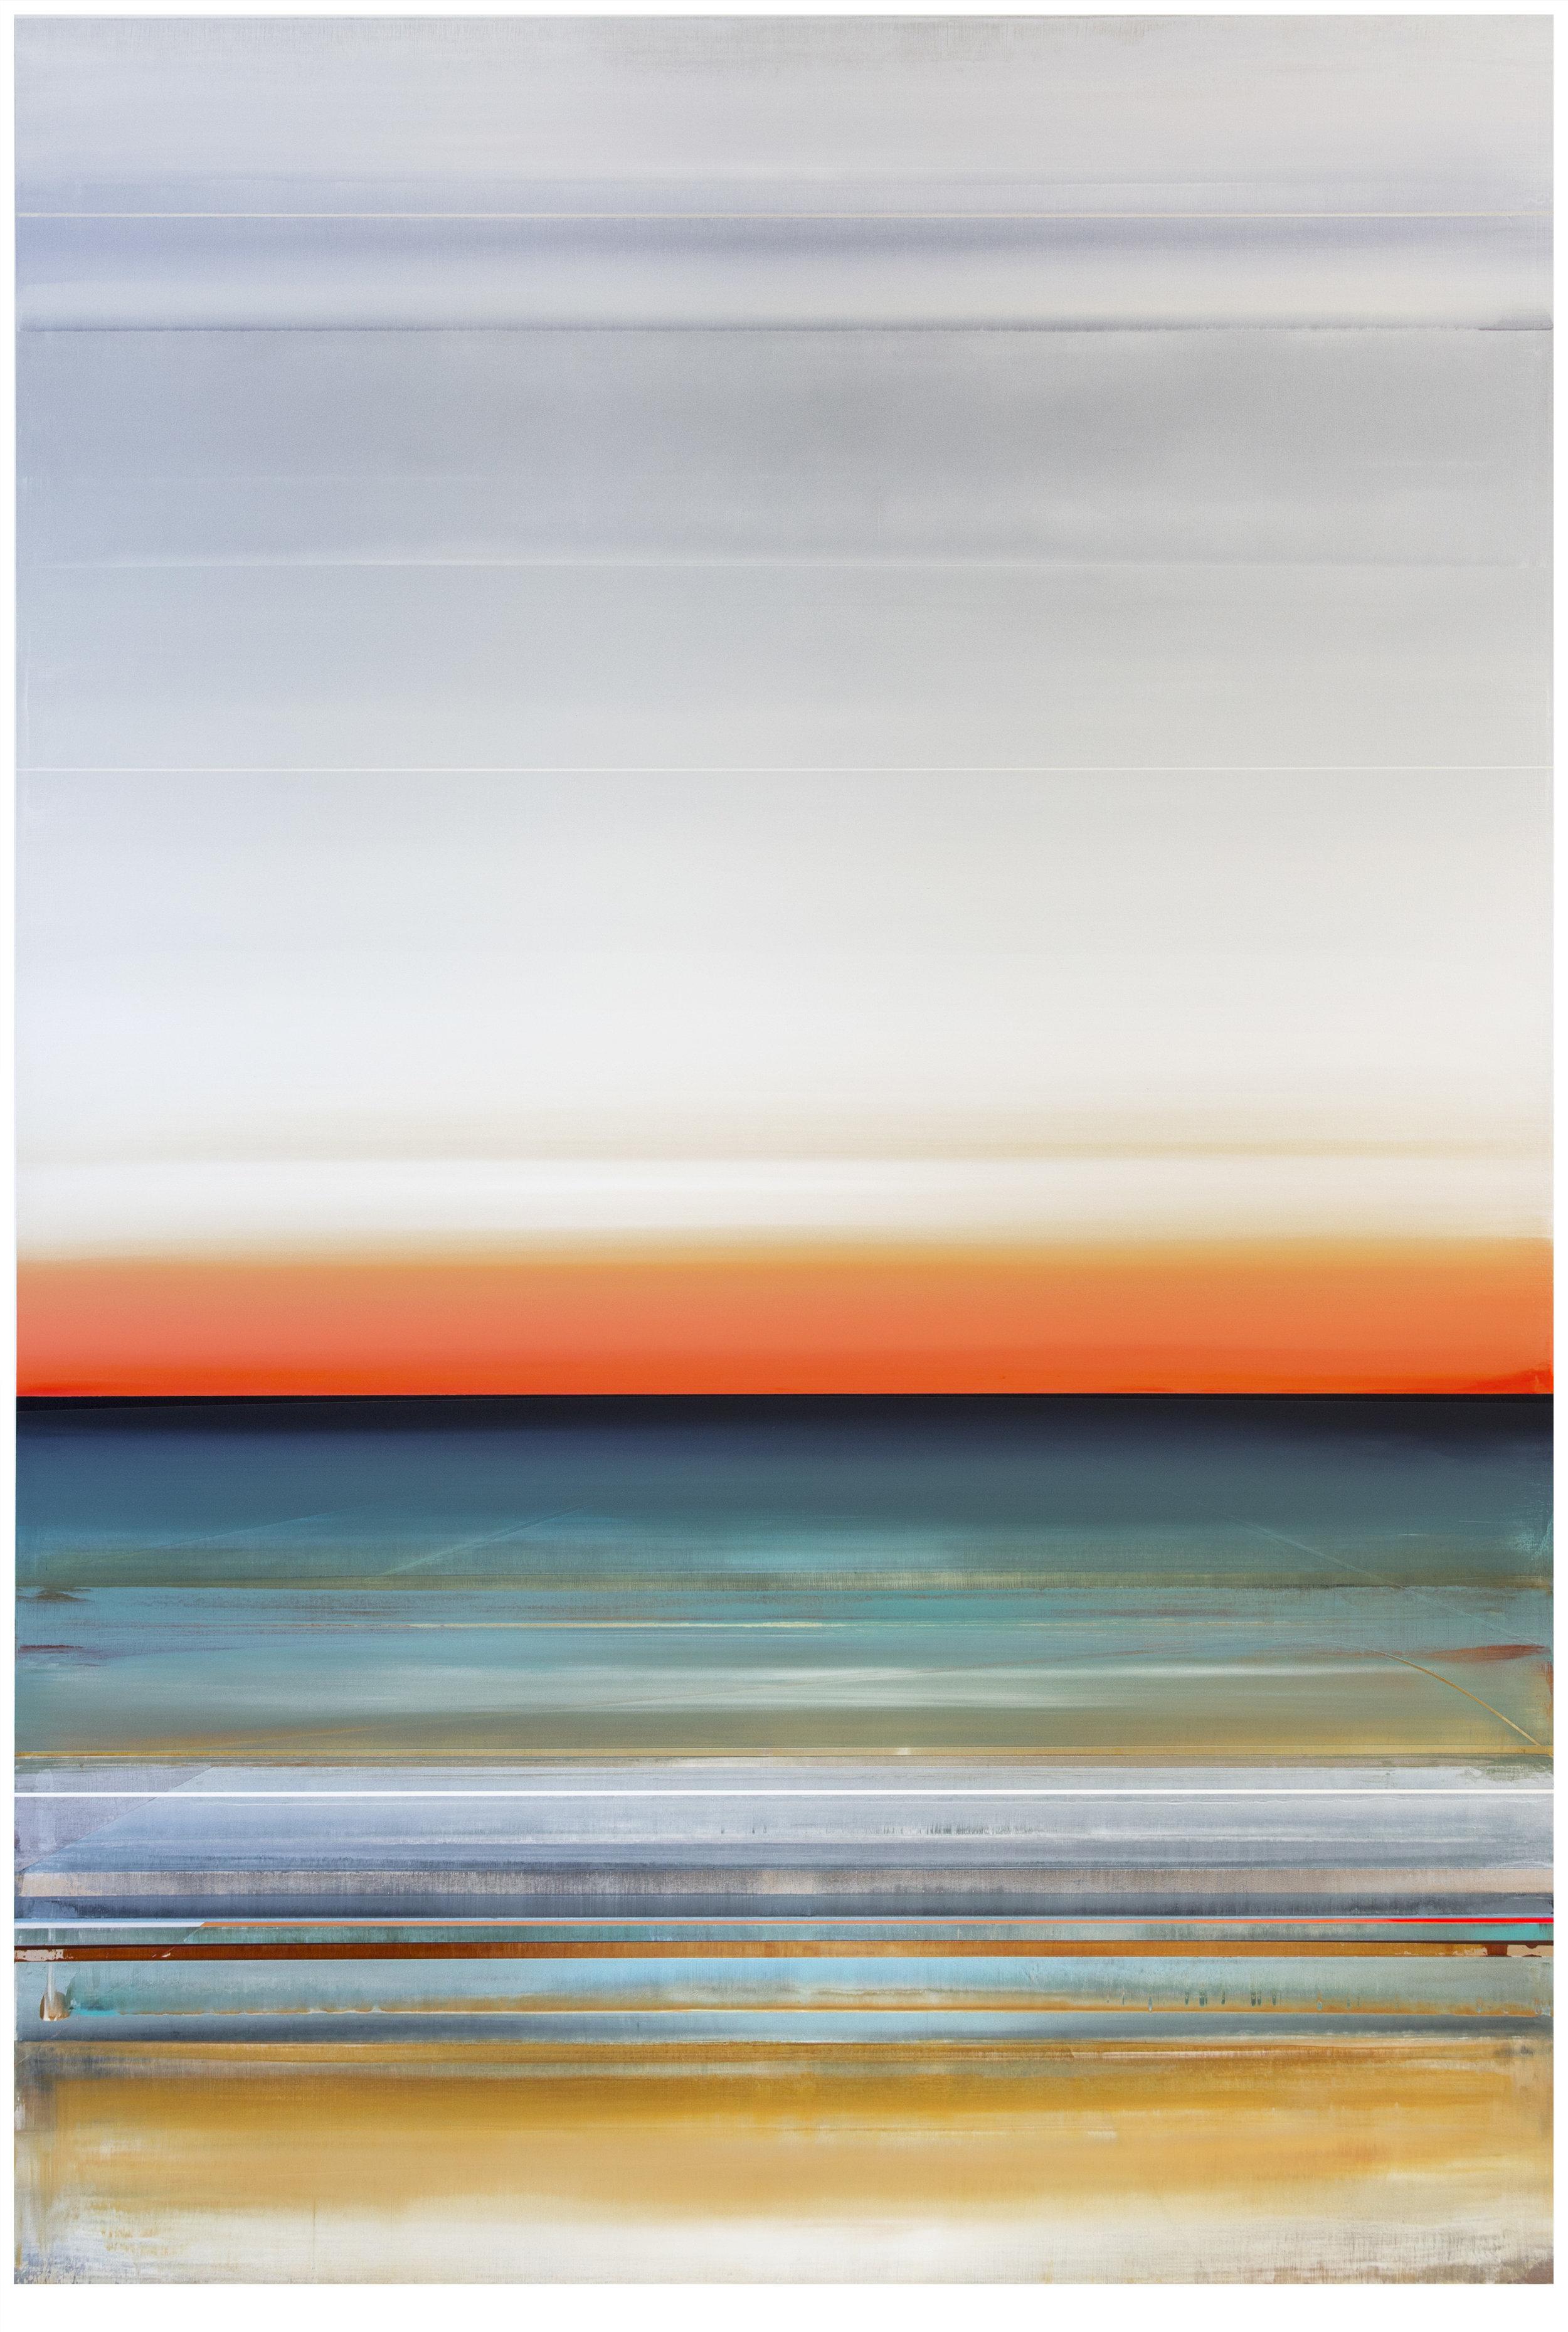 Micah Crandall-Bear, b.1980 (USA)  Title: Axiom  Dimension: 182.88 x 121.92 cm  Year: 2017